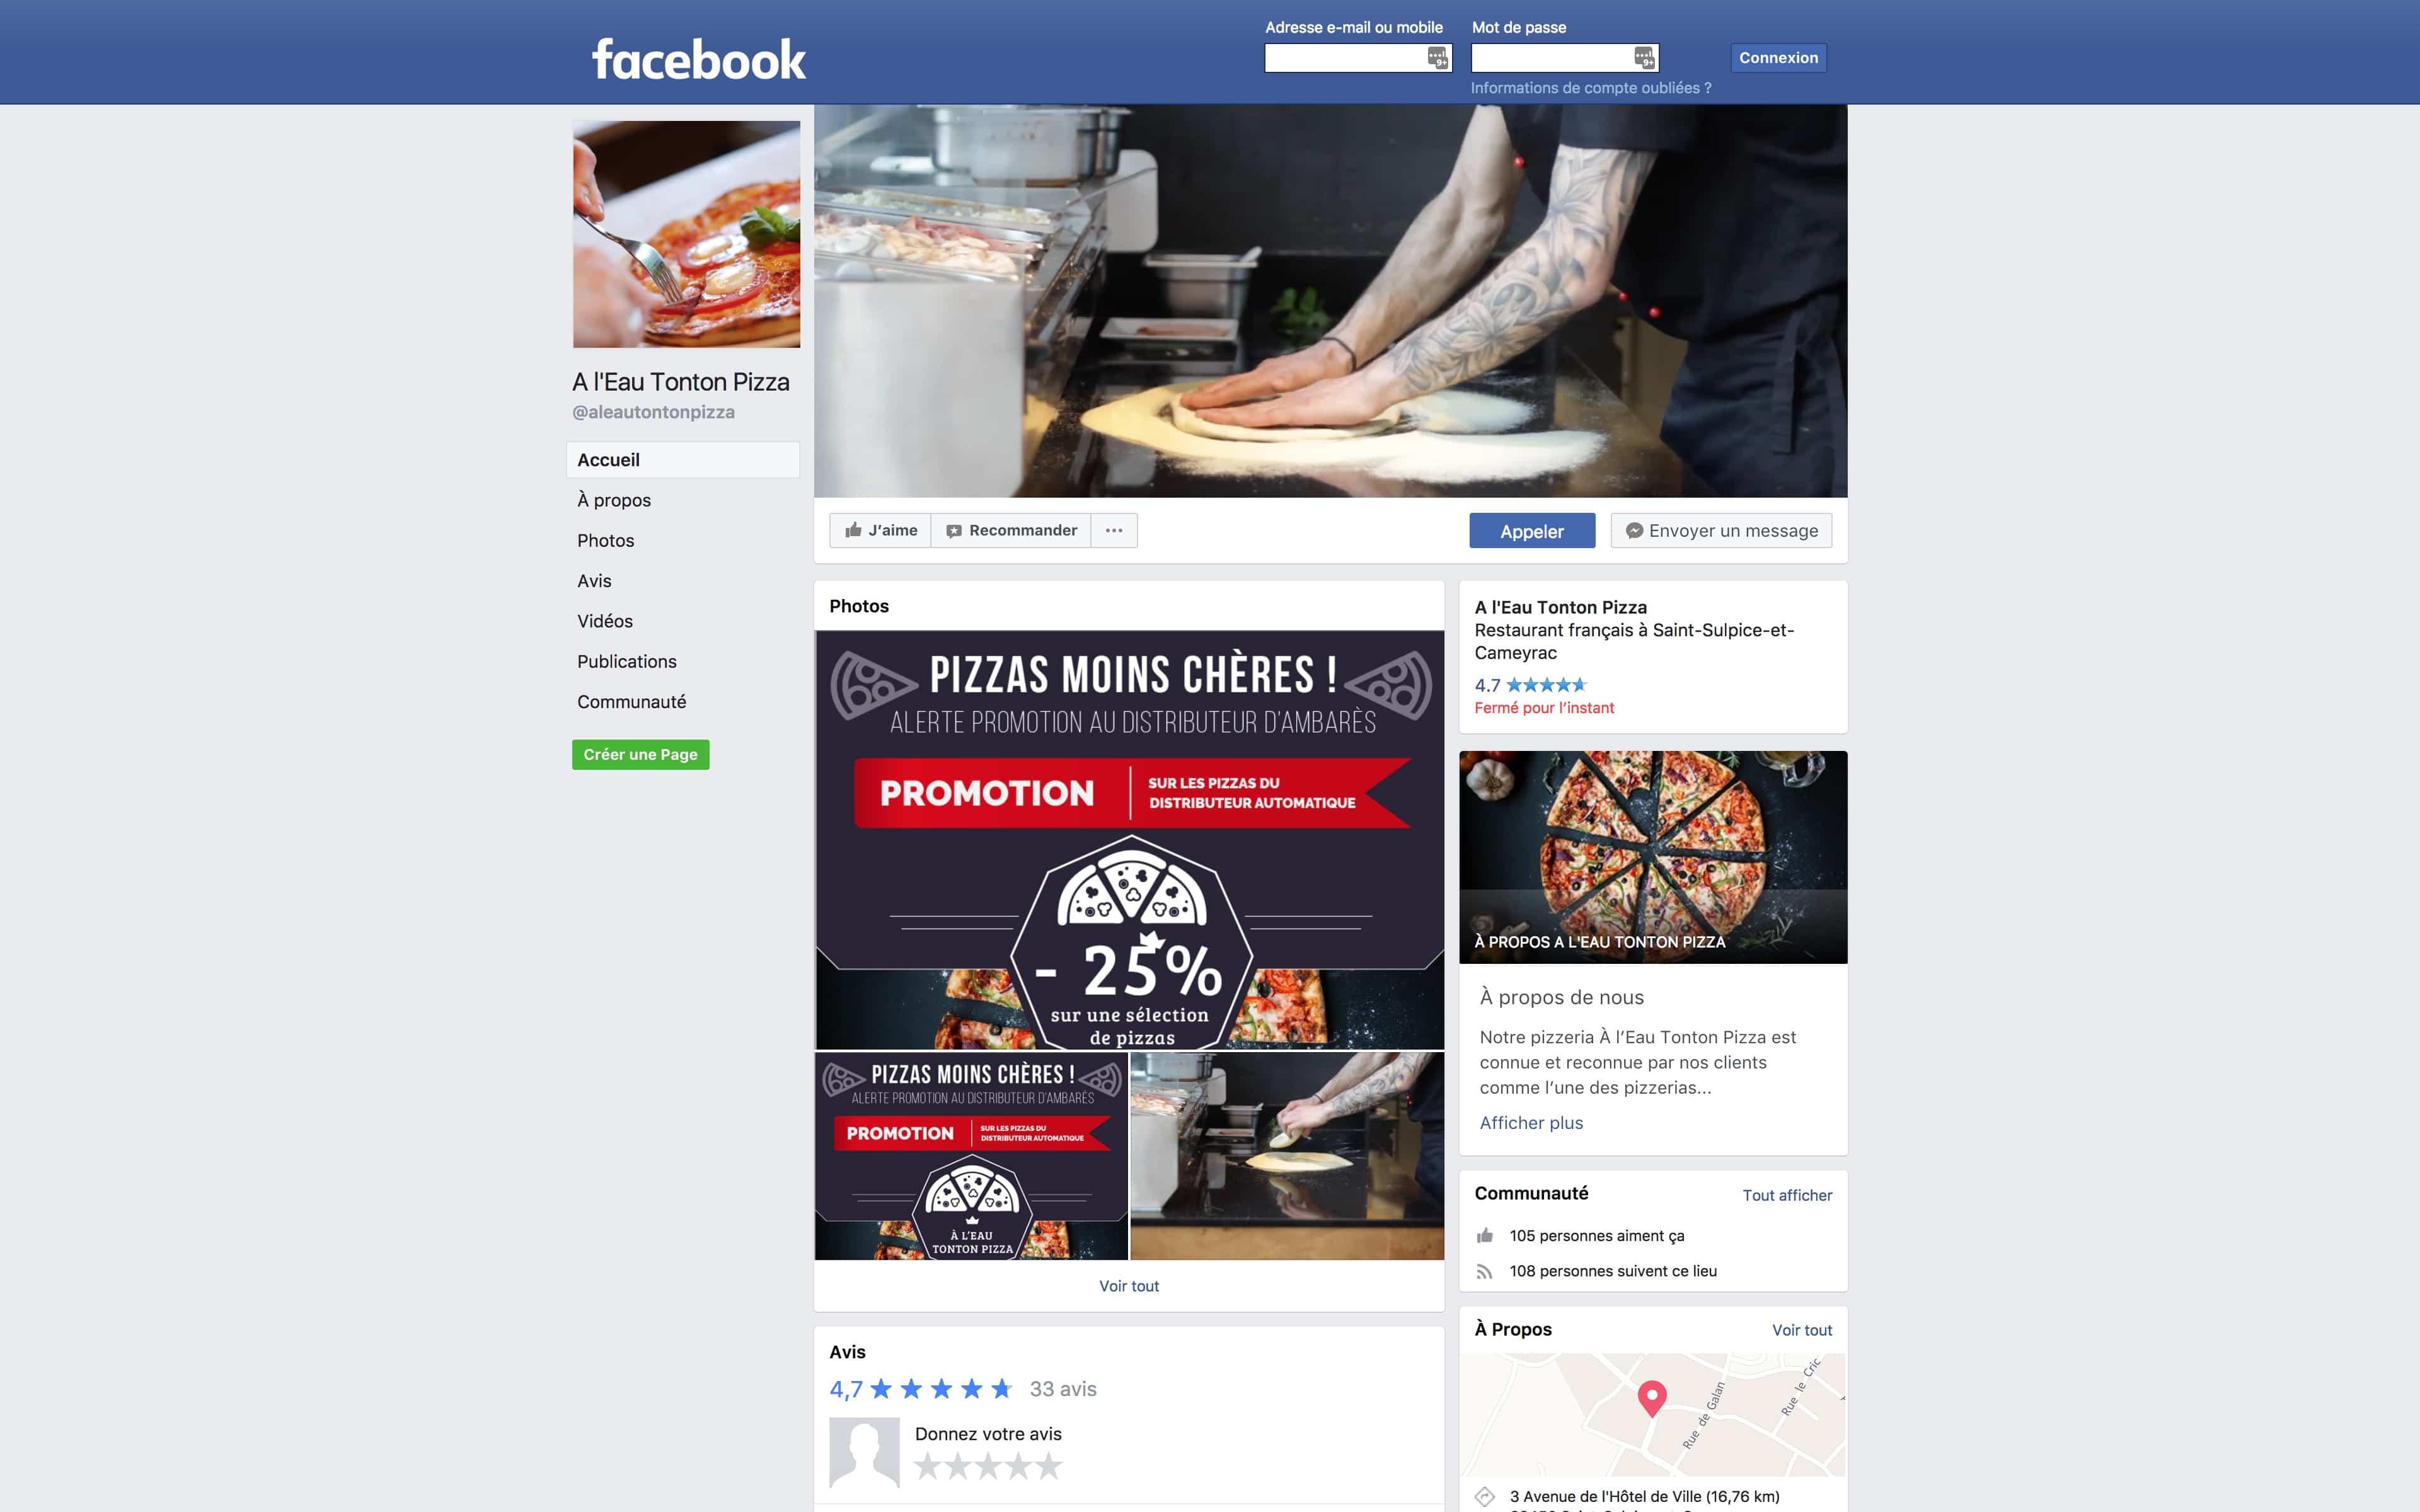 facebook a l'eau tonton pizza